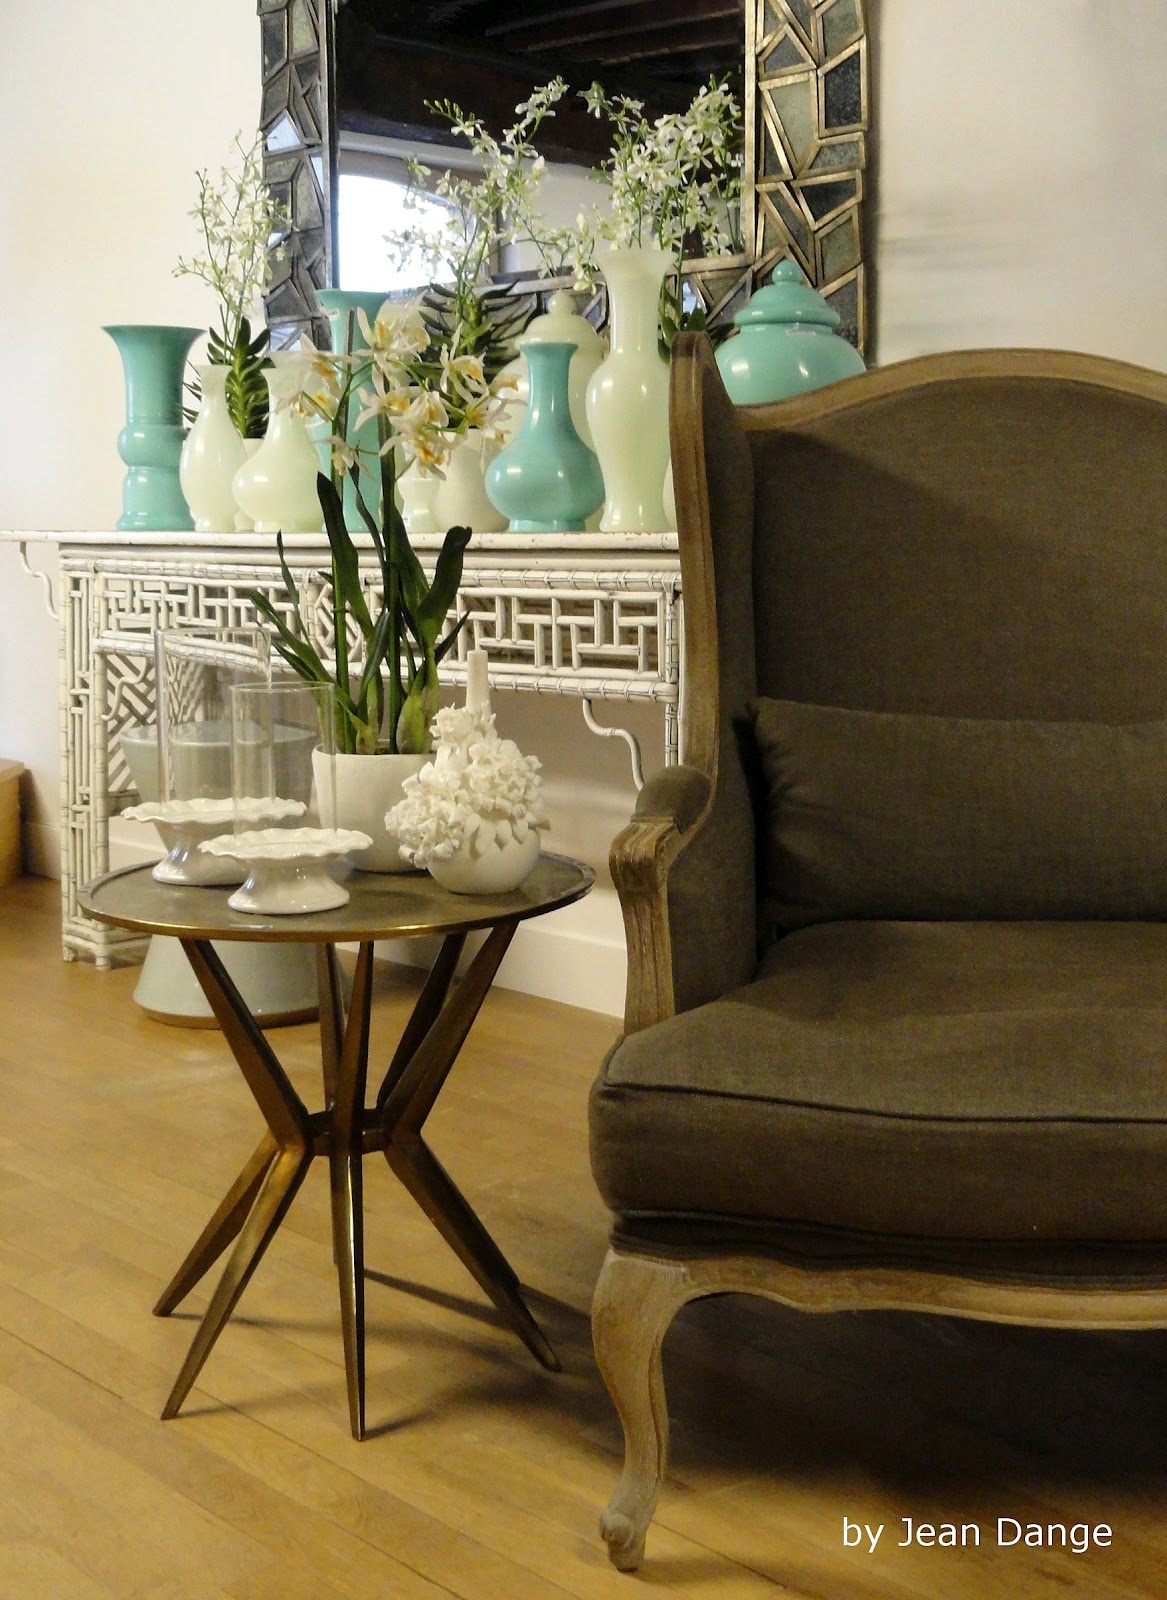 jean dange madeleine c. Black Bedroom Furniture Sets. Home Design Ideas